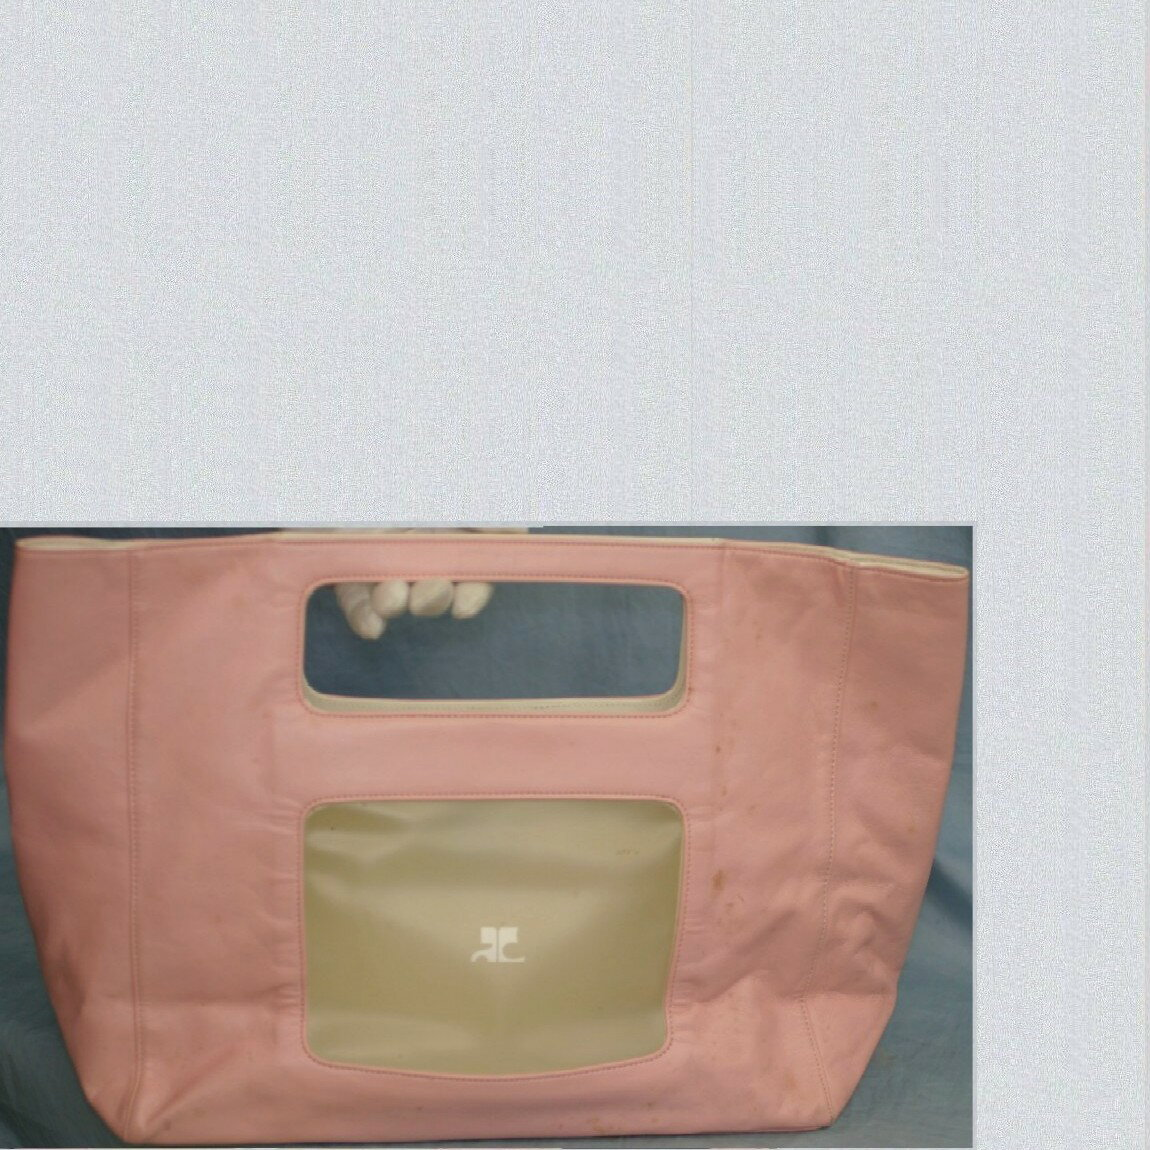 【中古】本物可クレージュ33,5x28x12cm可愛いピンクの四角いトート